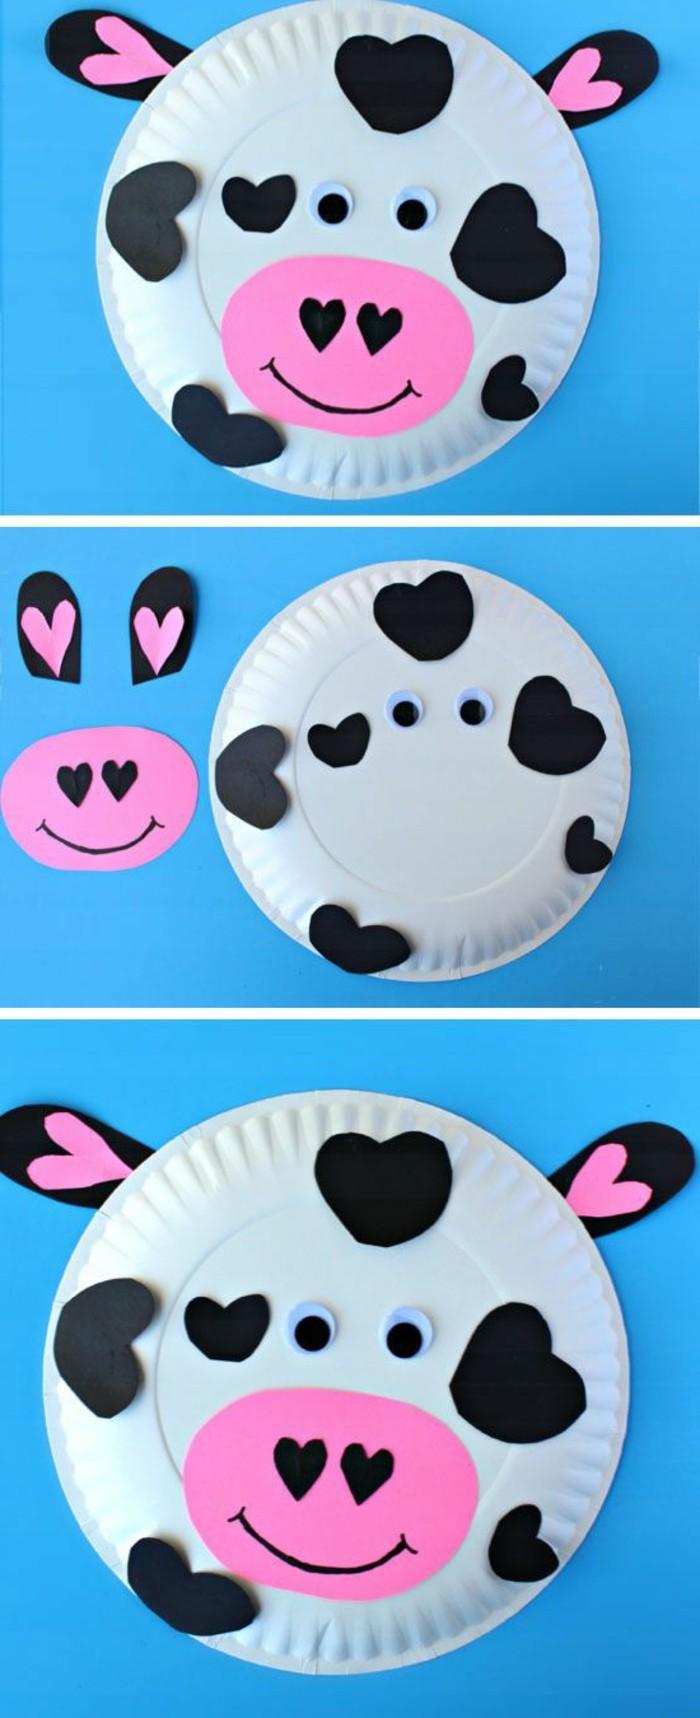 piatto-carta-trasformato-mucca-cuori-neri-incollati-orecchie-naso-rosa-occhi-mobili